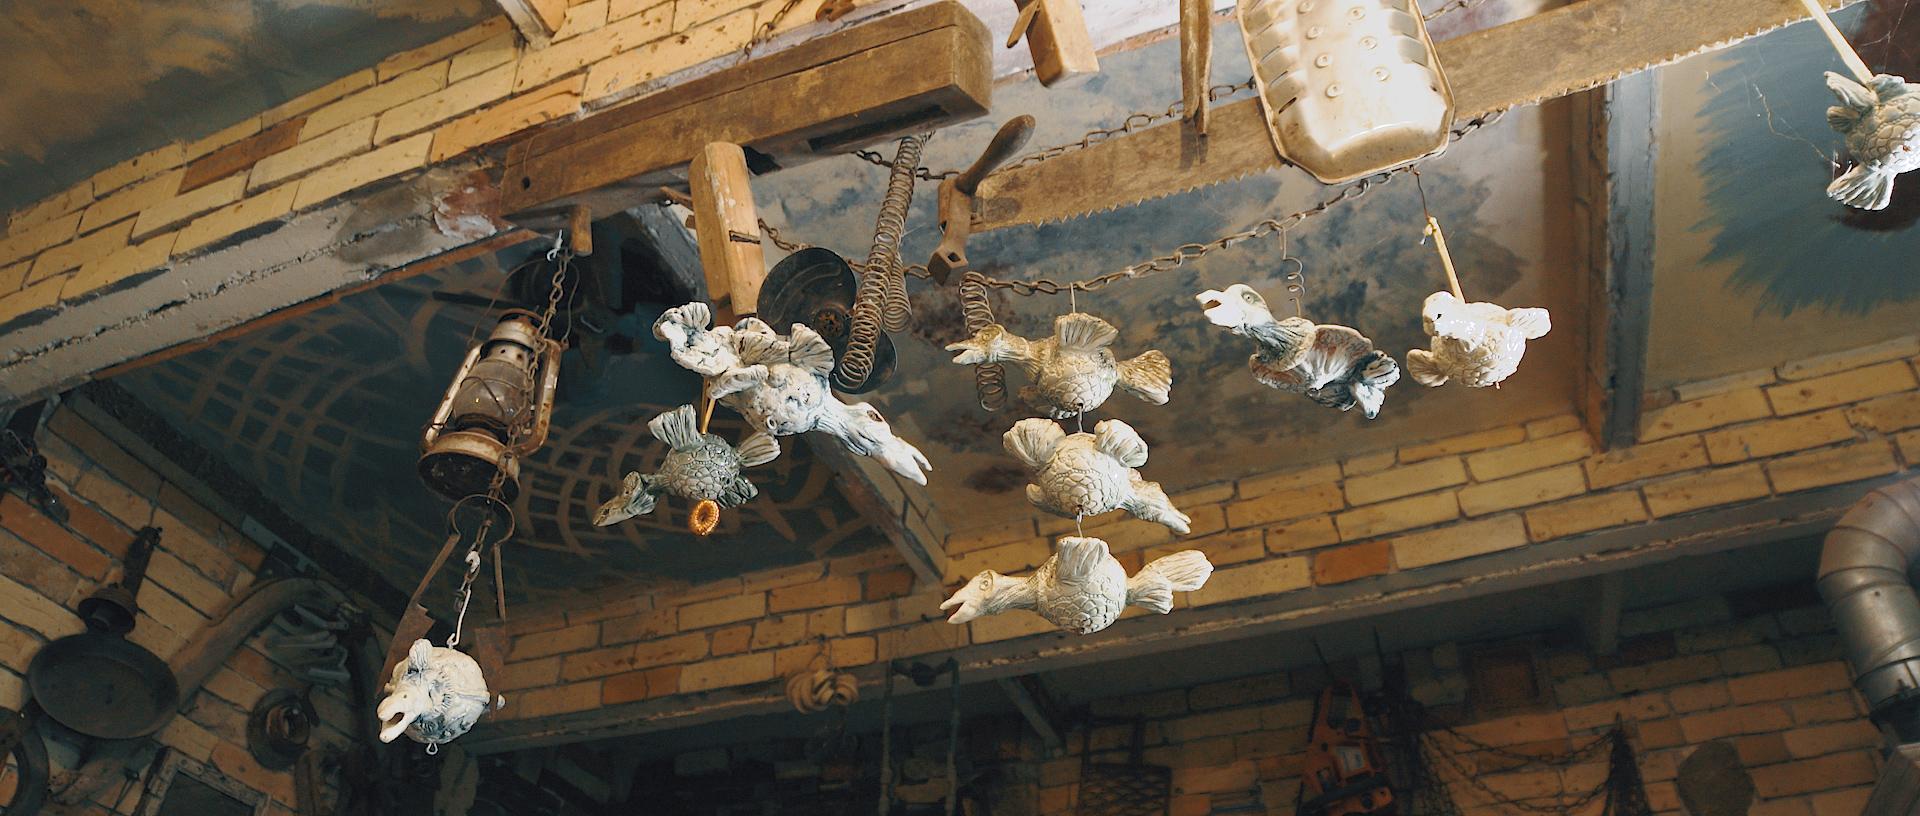 Keraminiai paukščiai palubėje.